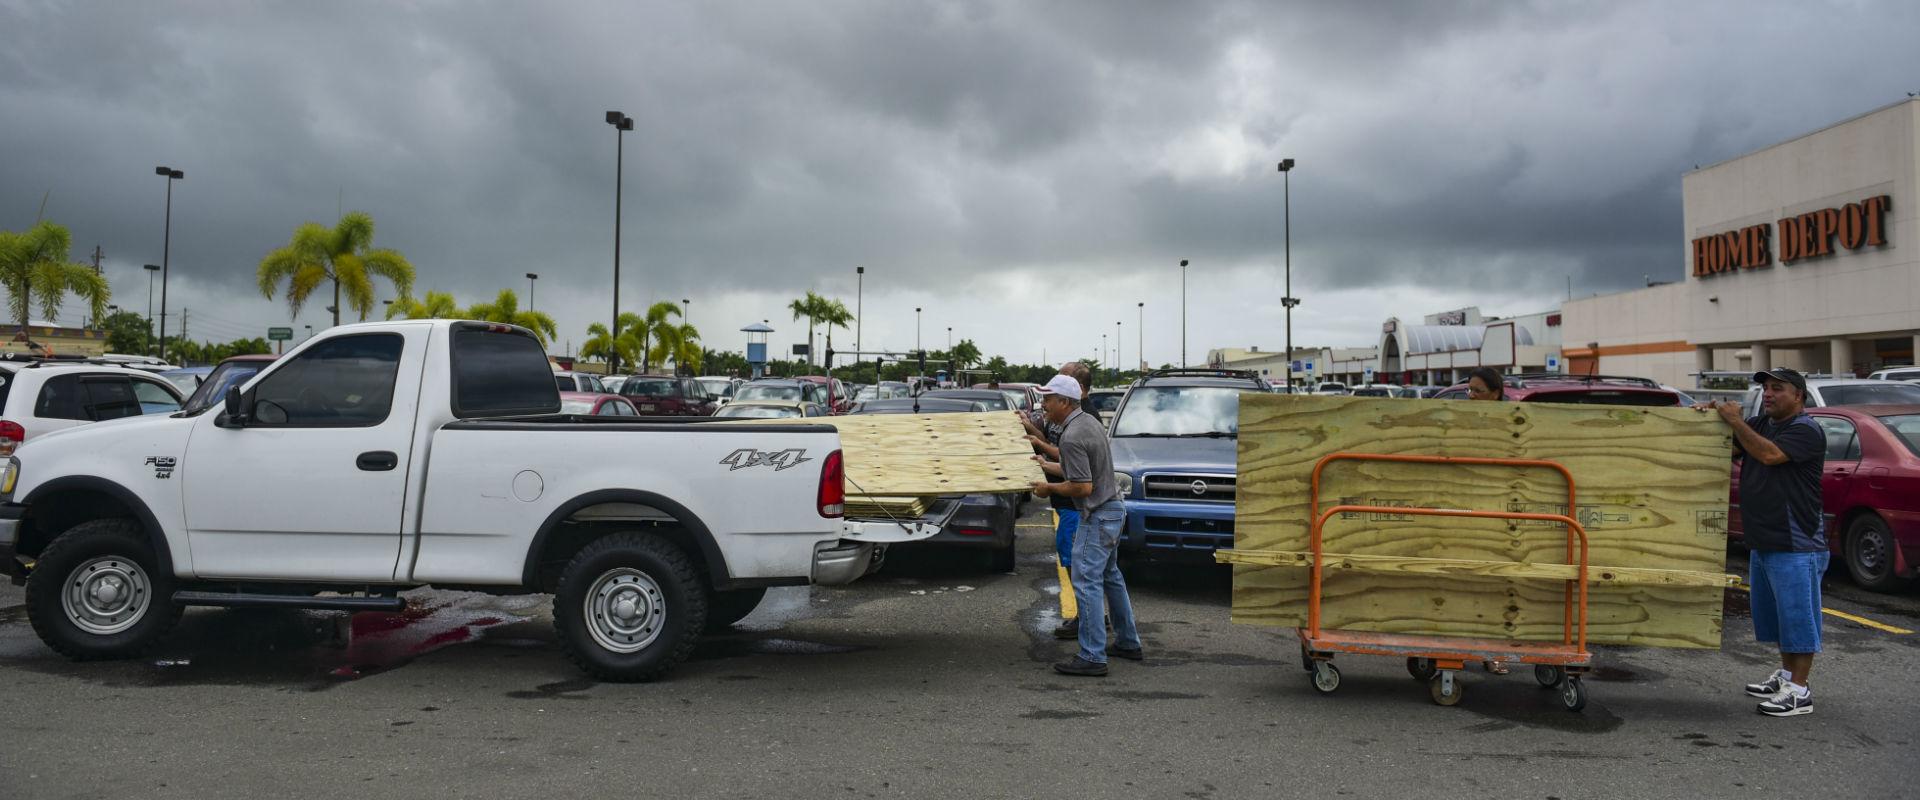 """היערכות לסופה """"אירמה"""" בפורטו ריקו"""